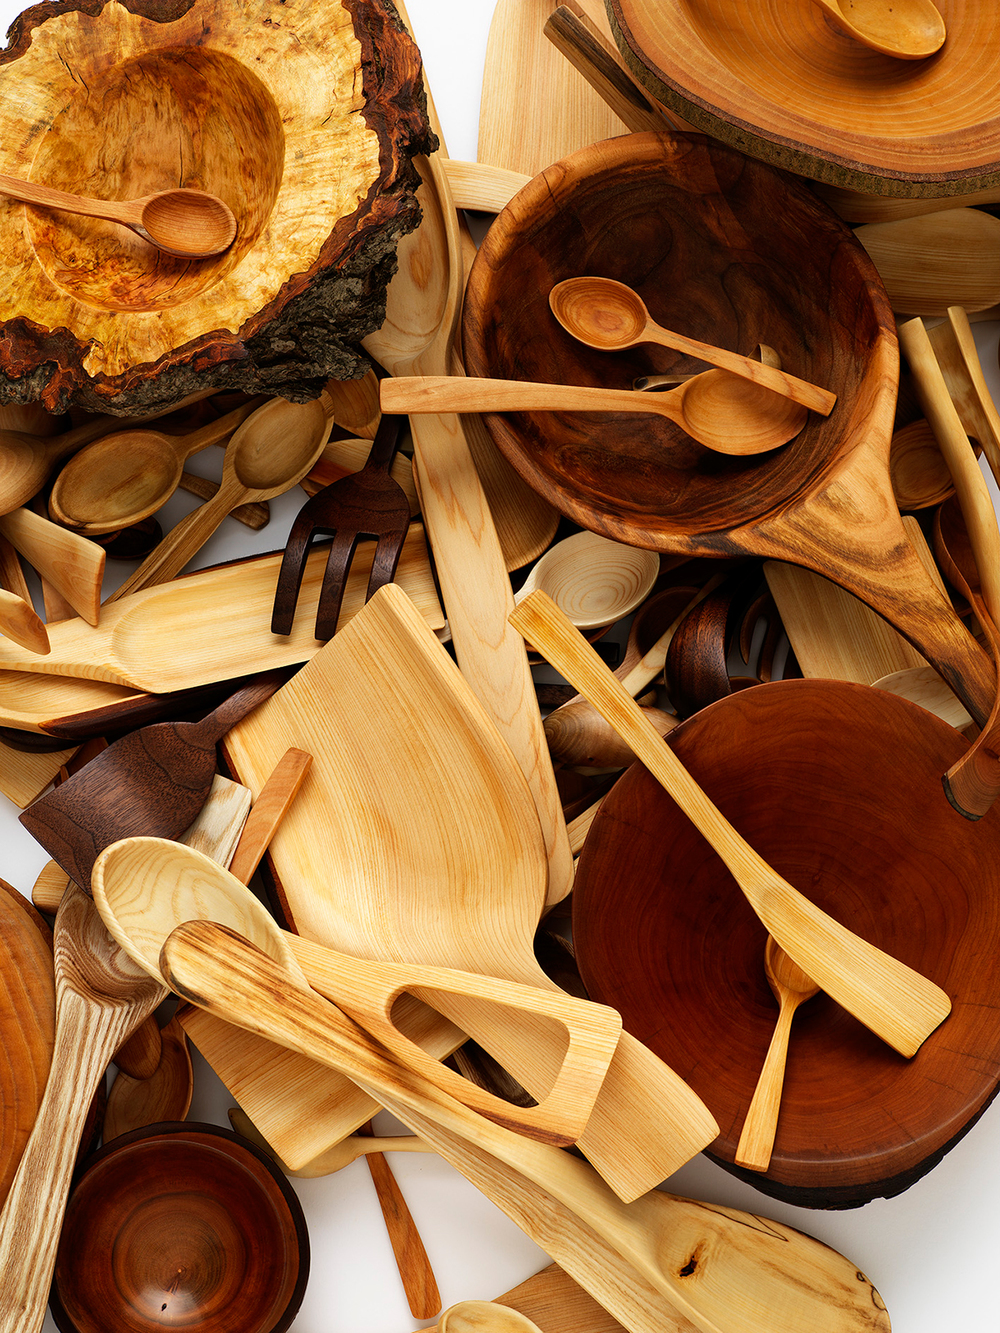 Spoons_MassivePile3-004.jpg